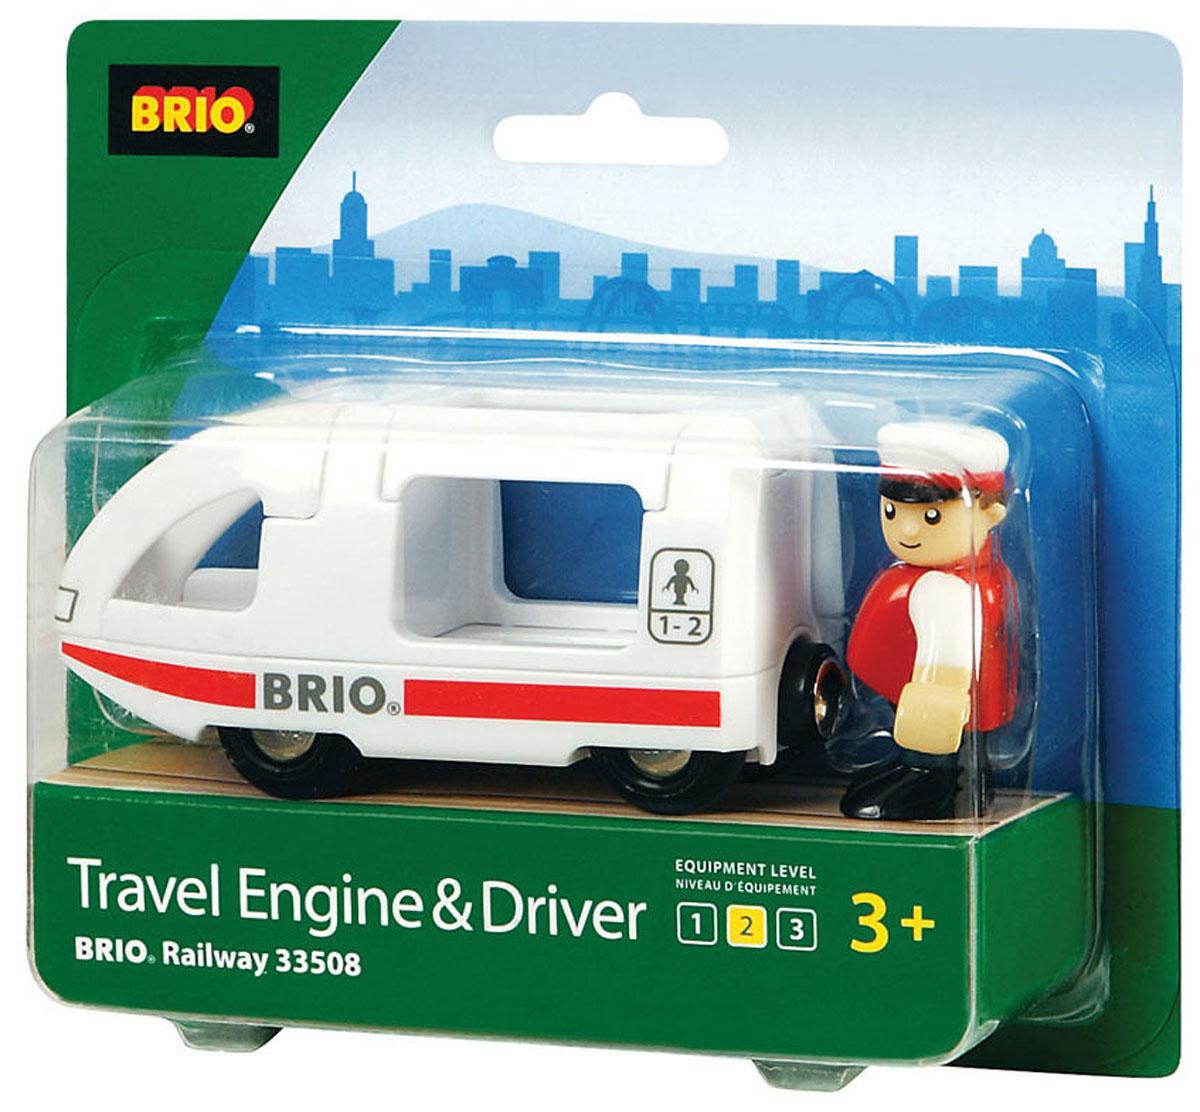 Brio Поезд-купе с машинистом33508Вашему ребенку обязательно пригодится в игре с железной дорогой игрушка Brio Поезд-купе с машинистом. Этот поезд выполнен из пластика и металла, окрашен нетоксичной краской. Имеет металлические втулки колес и магнитное соединение для вагонов. Кабина машиниста и крыша купе открываются. В комплекте с поездом идет фигурка машиниста. Железные дороги позволяют ребенку не только получать удовольствие от игры, но и развивать пространственное воображение, мелкую моторику и координацию движений.